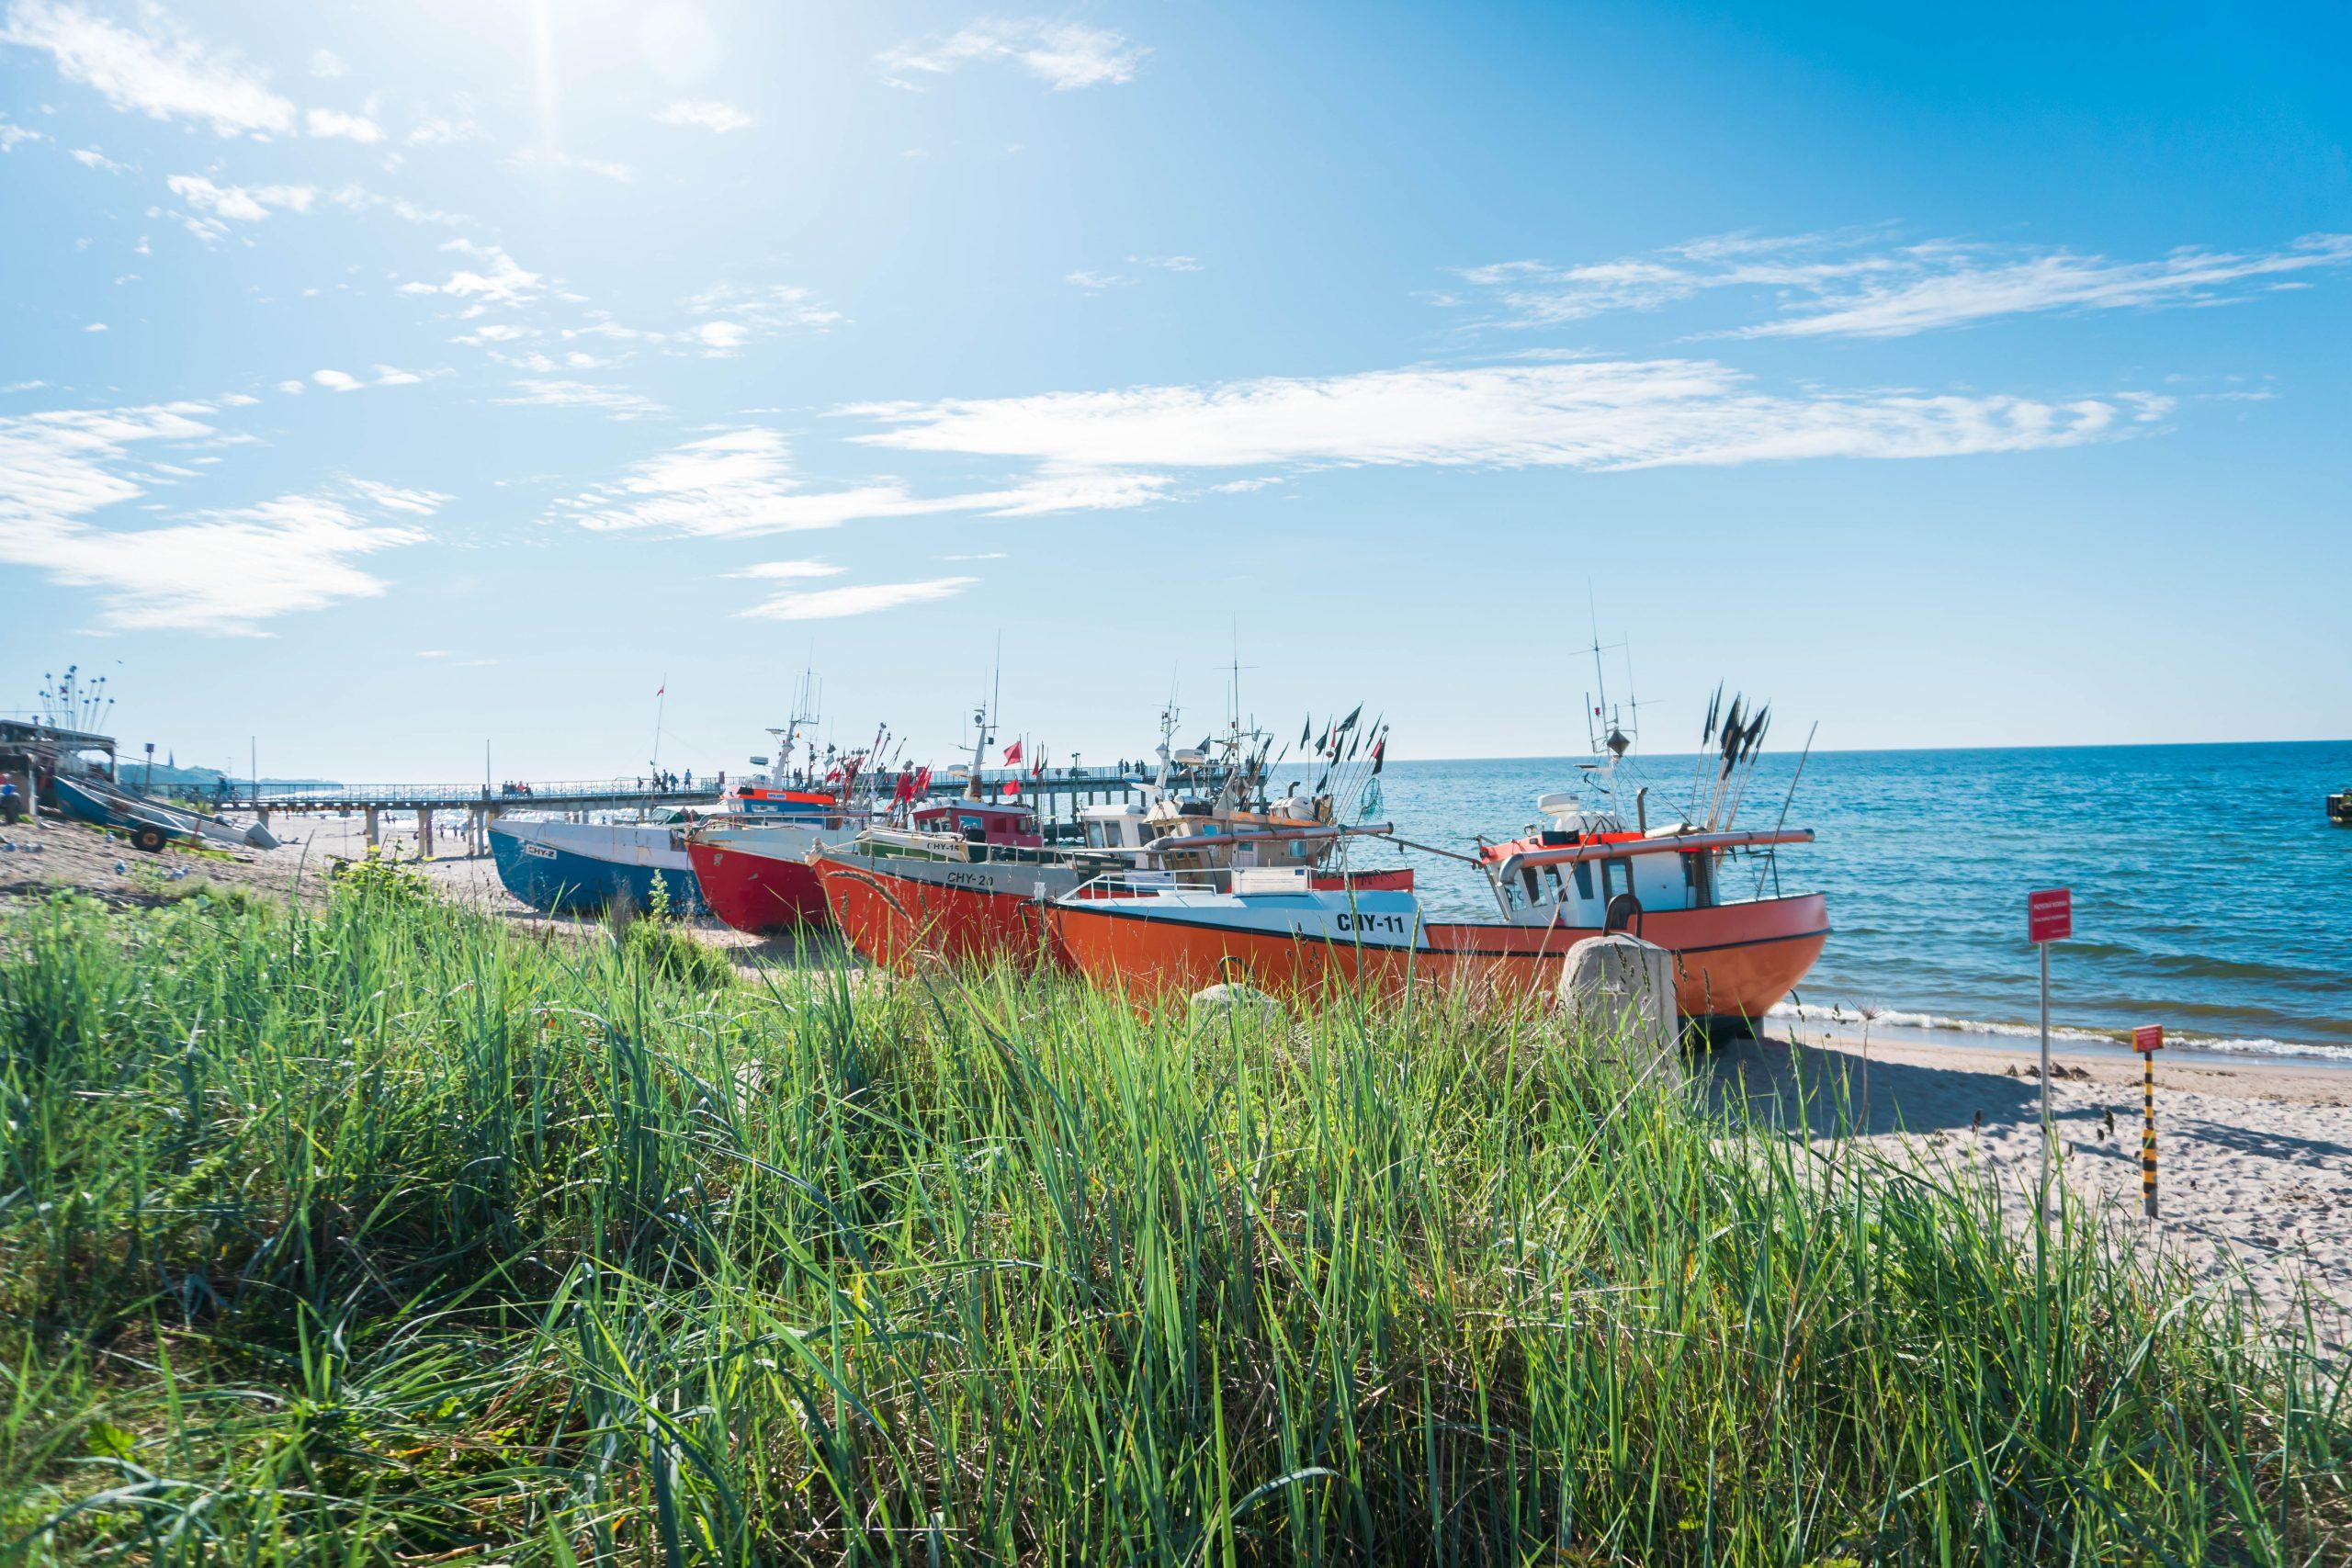 Chłopy wyjątkowa wioska rybacka w Polsce